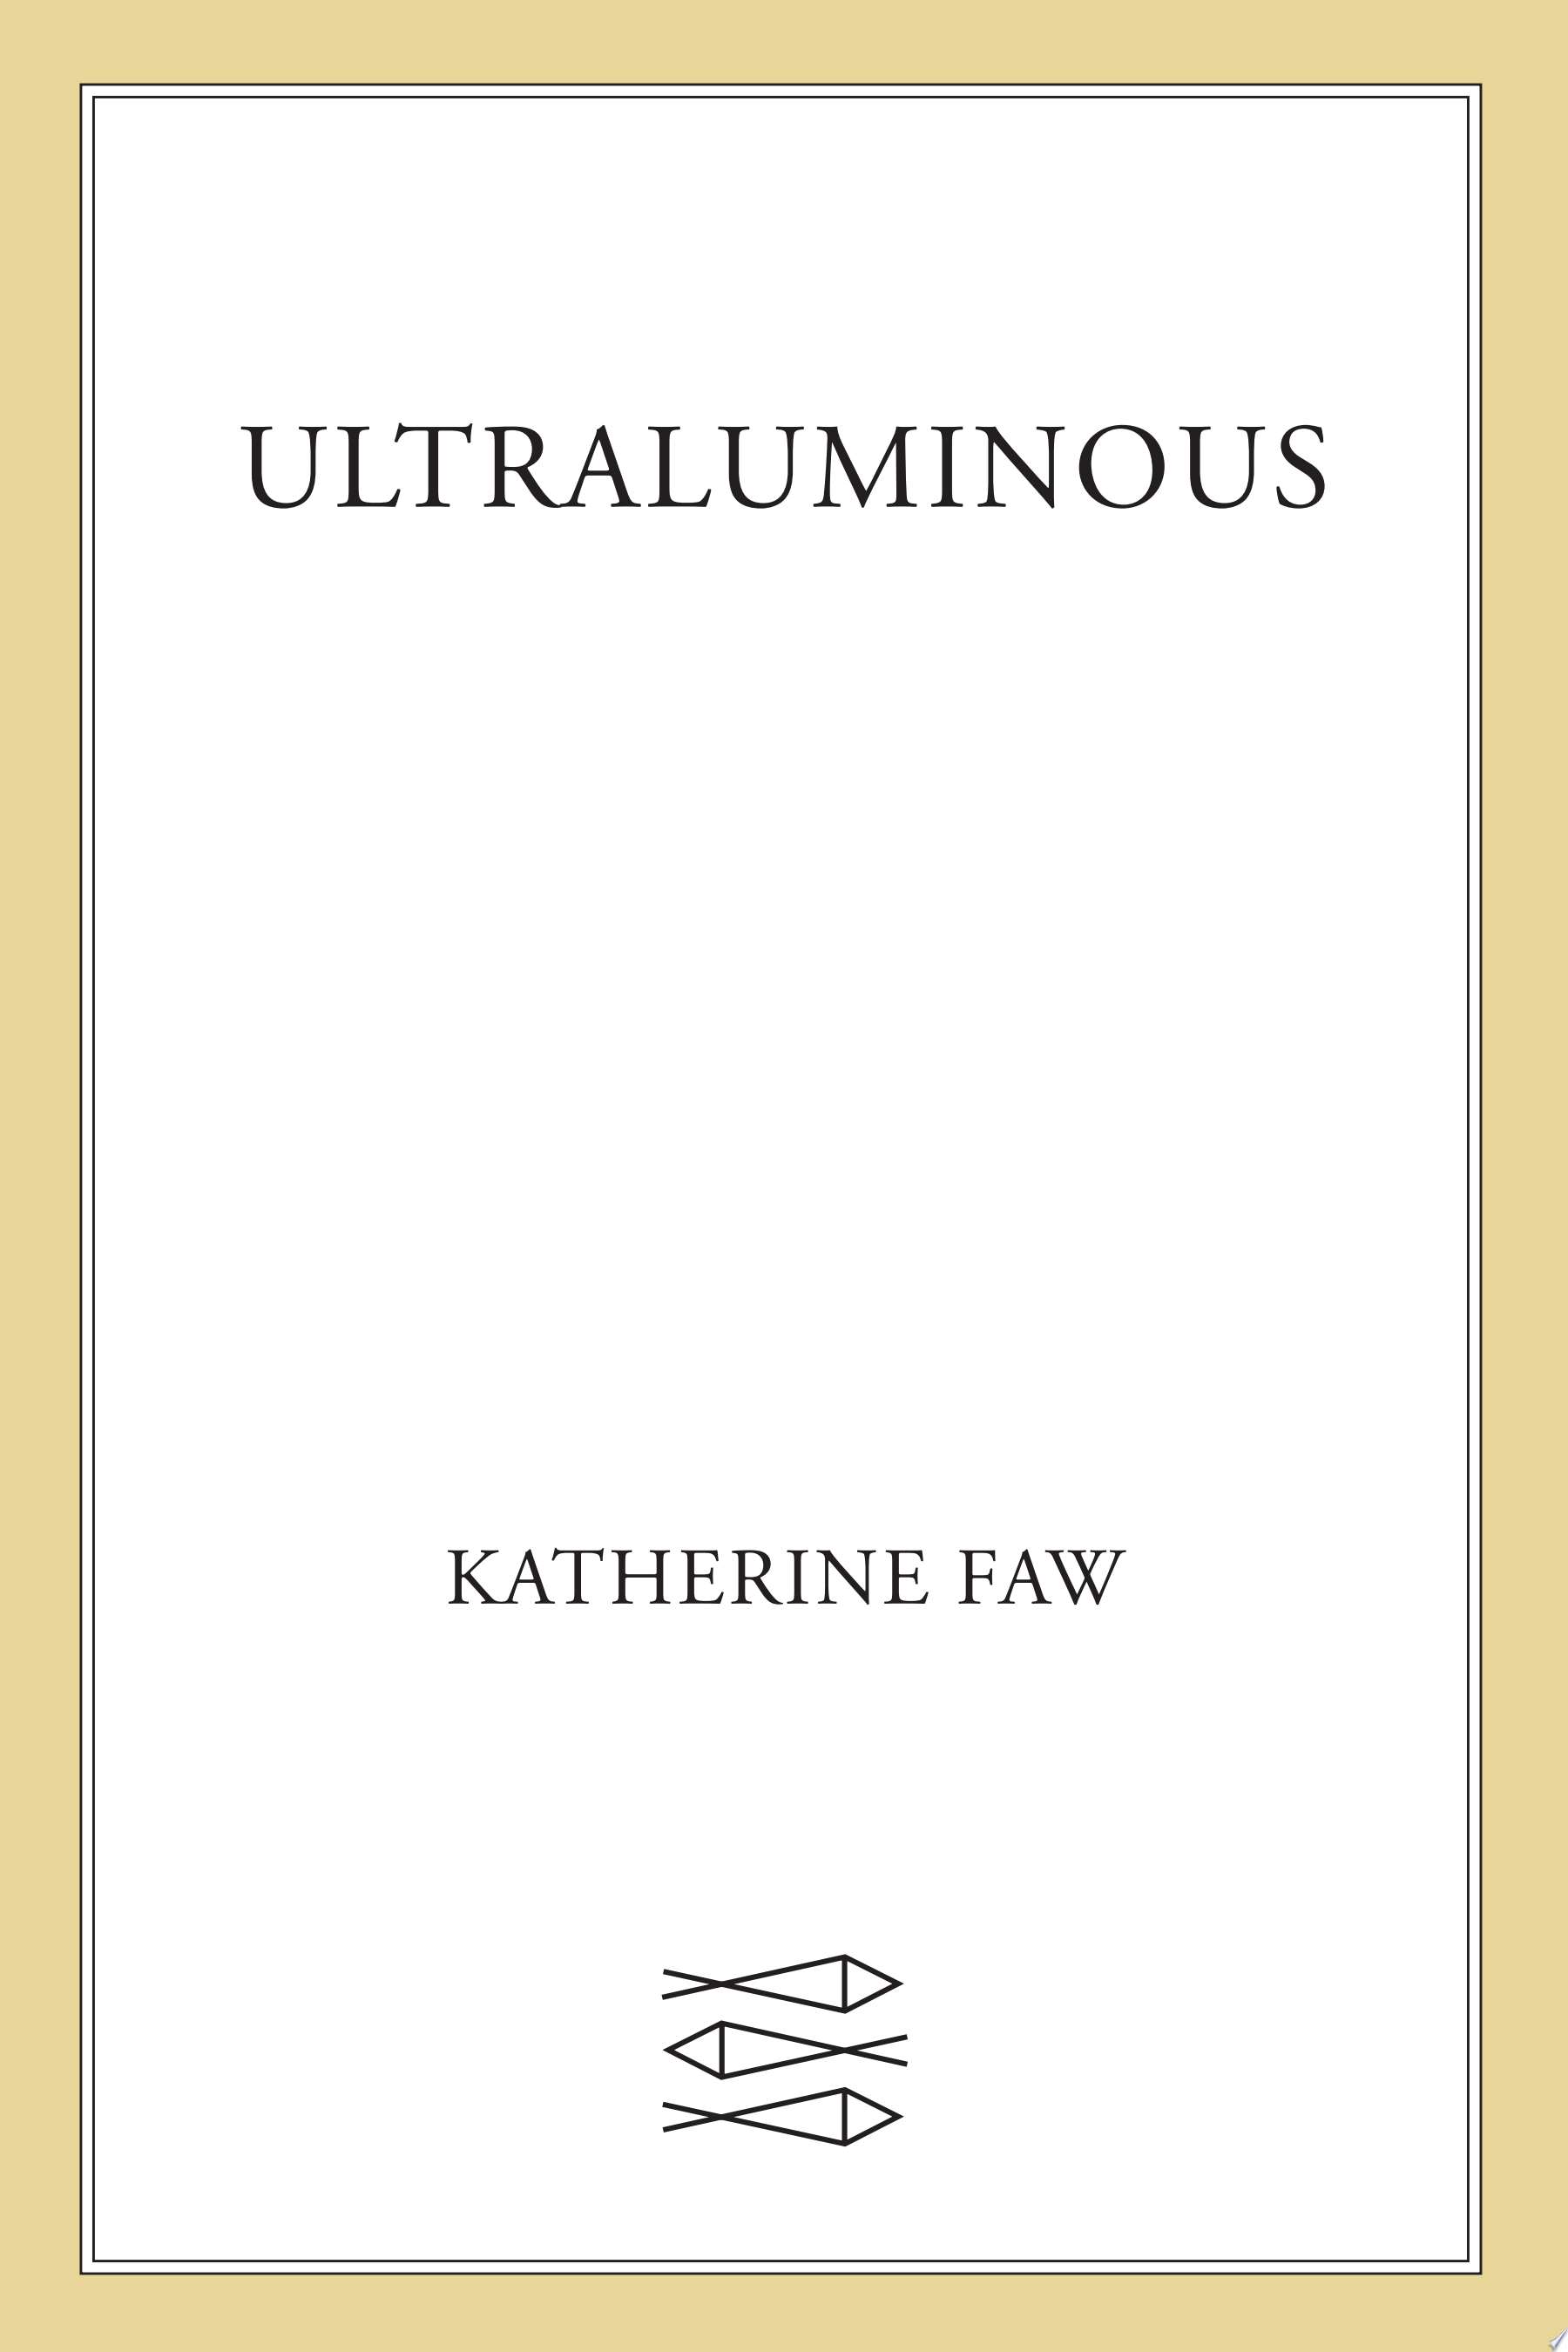 Ultraluminous